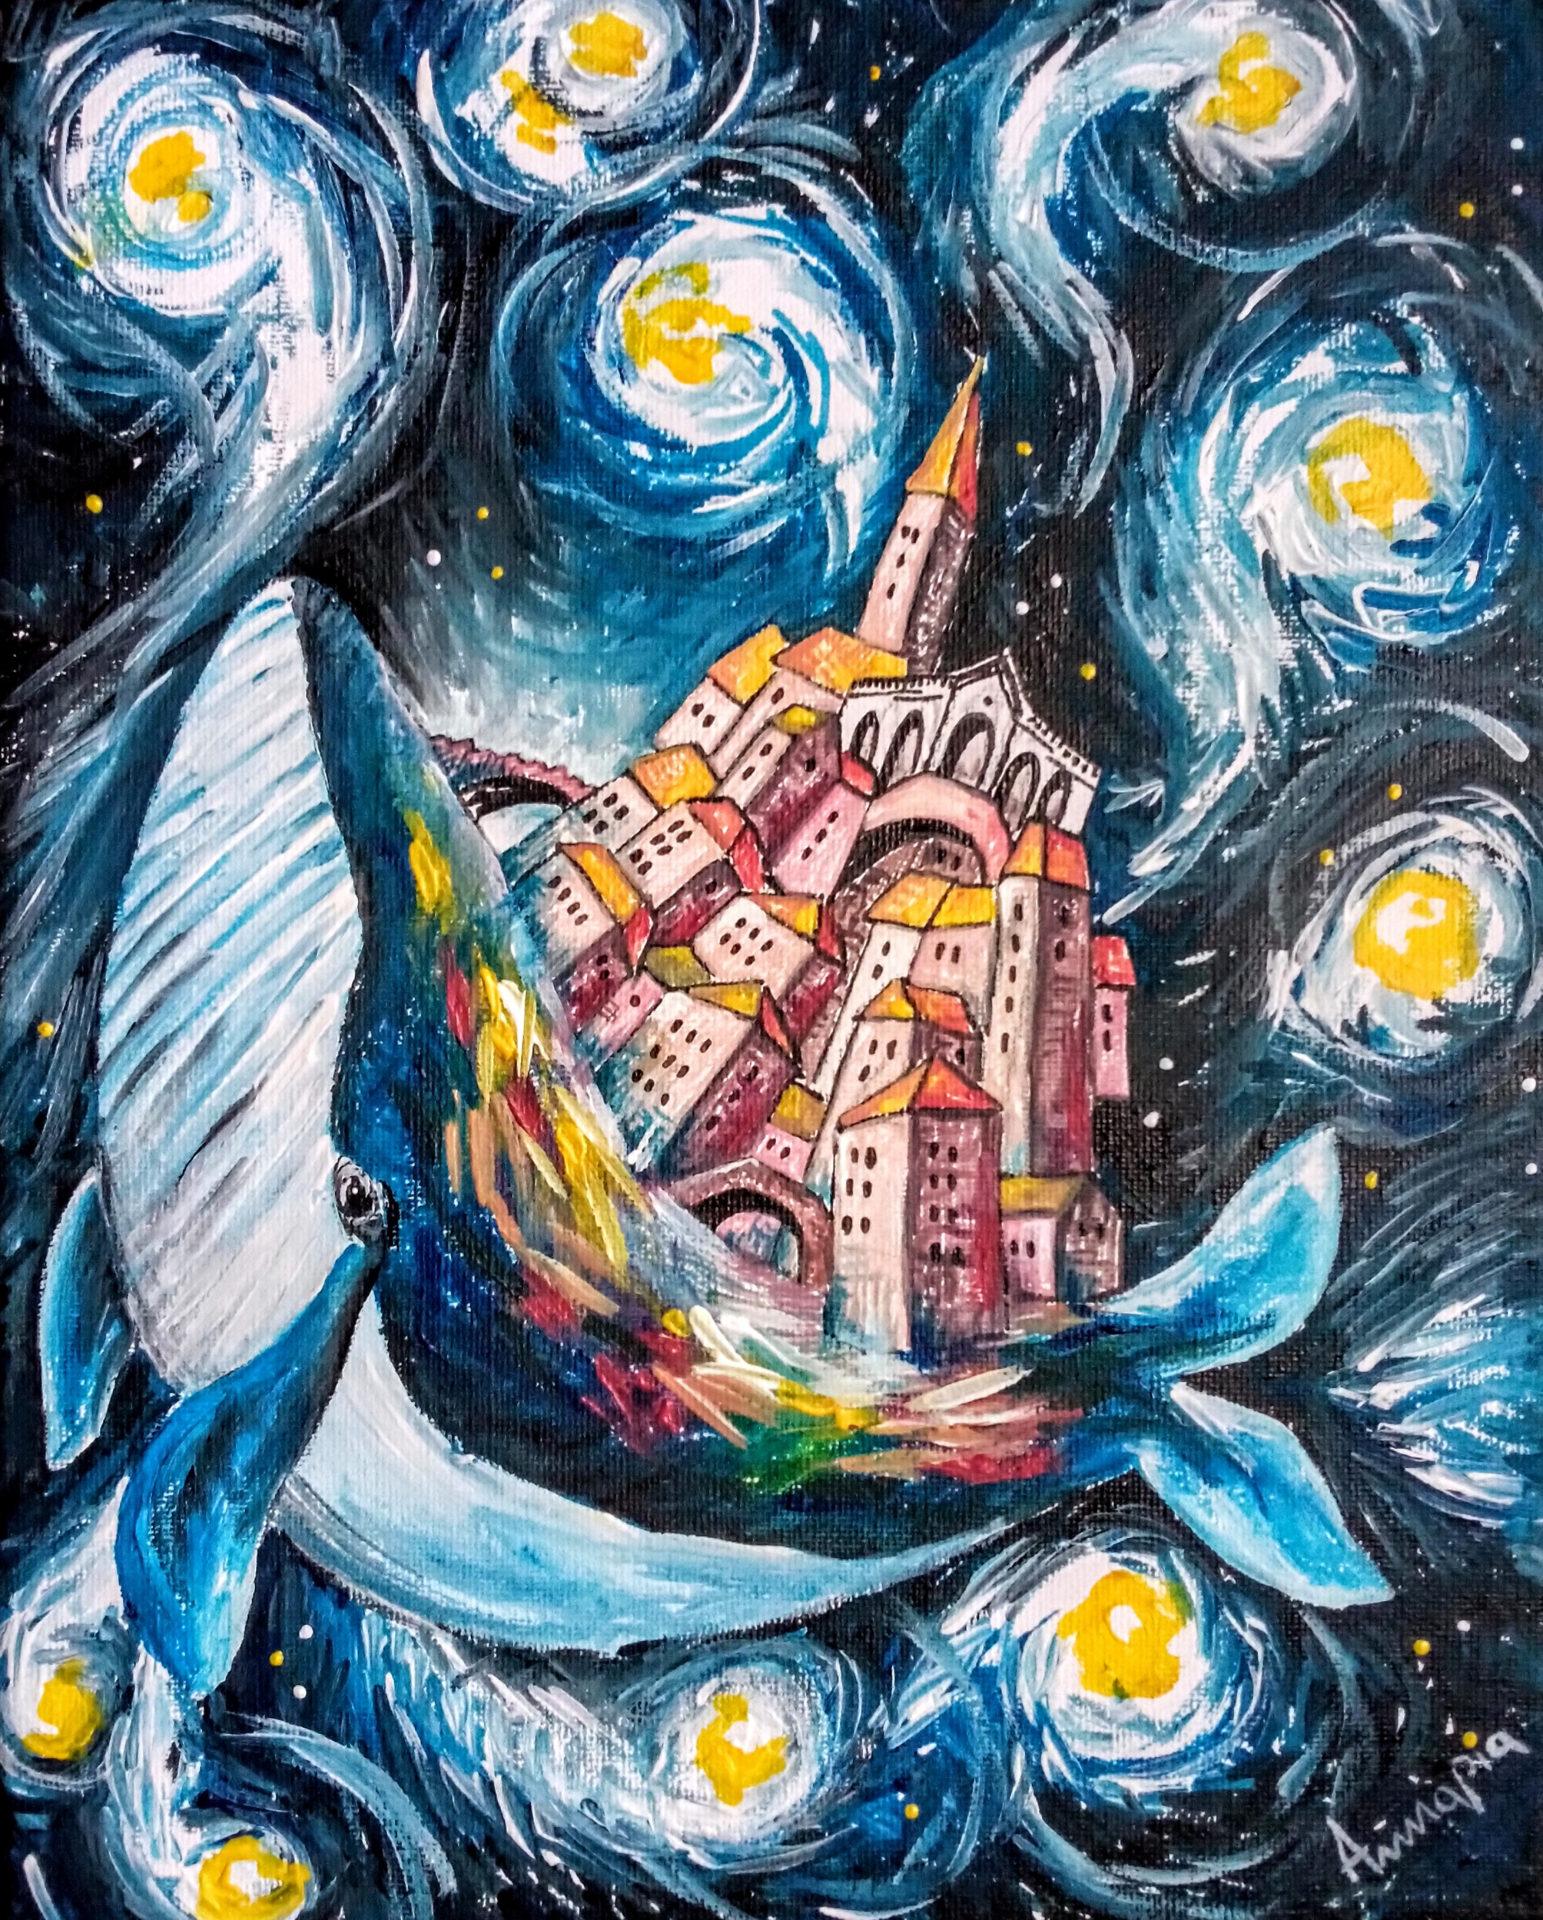 tableau surréaliste onirique poétique pieuvre baleine